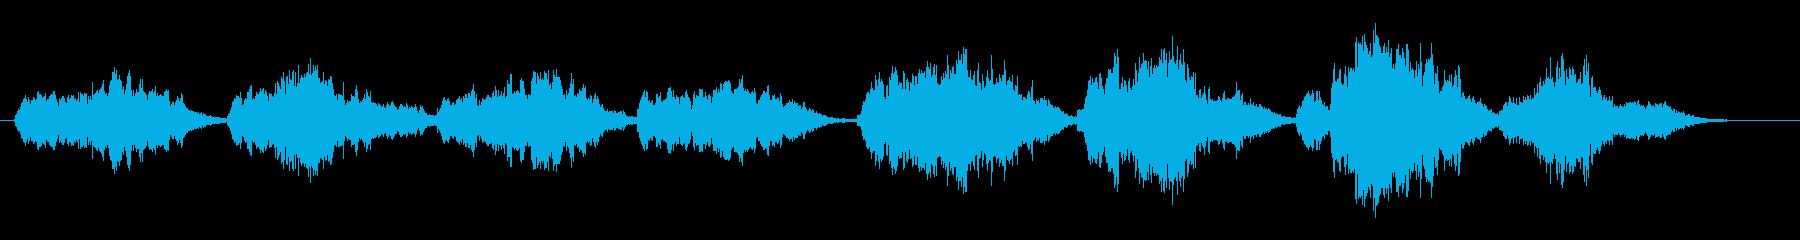 ダニーボーイ(ソプラノ・アカペラ)の再生済みの波形